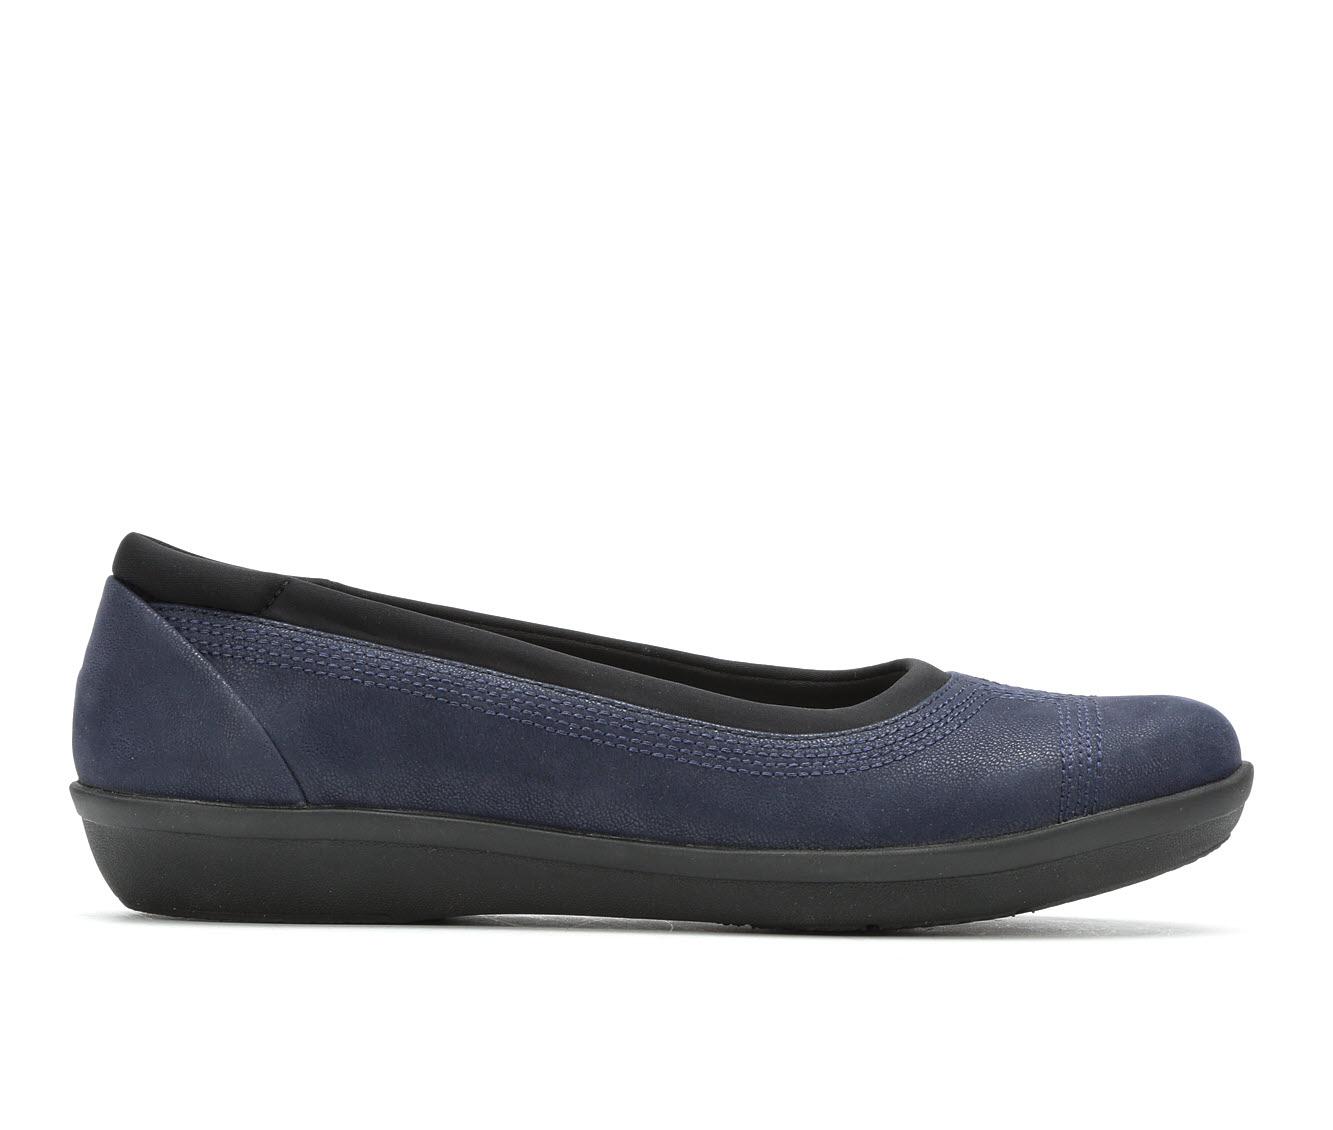 Clarks Ayla Low Women's Shoe (Blue Leather)